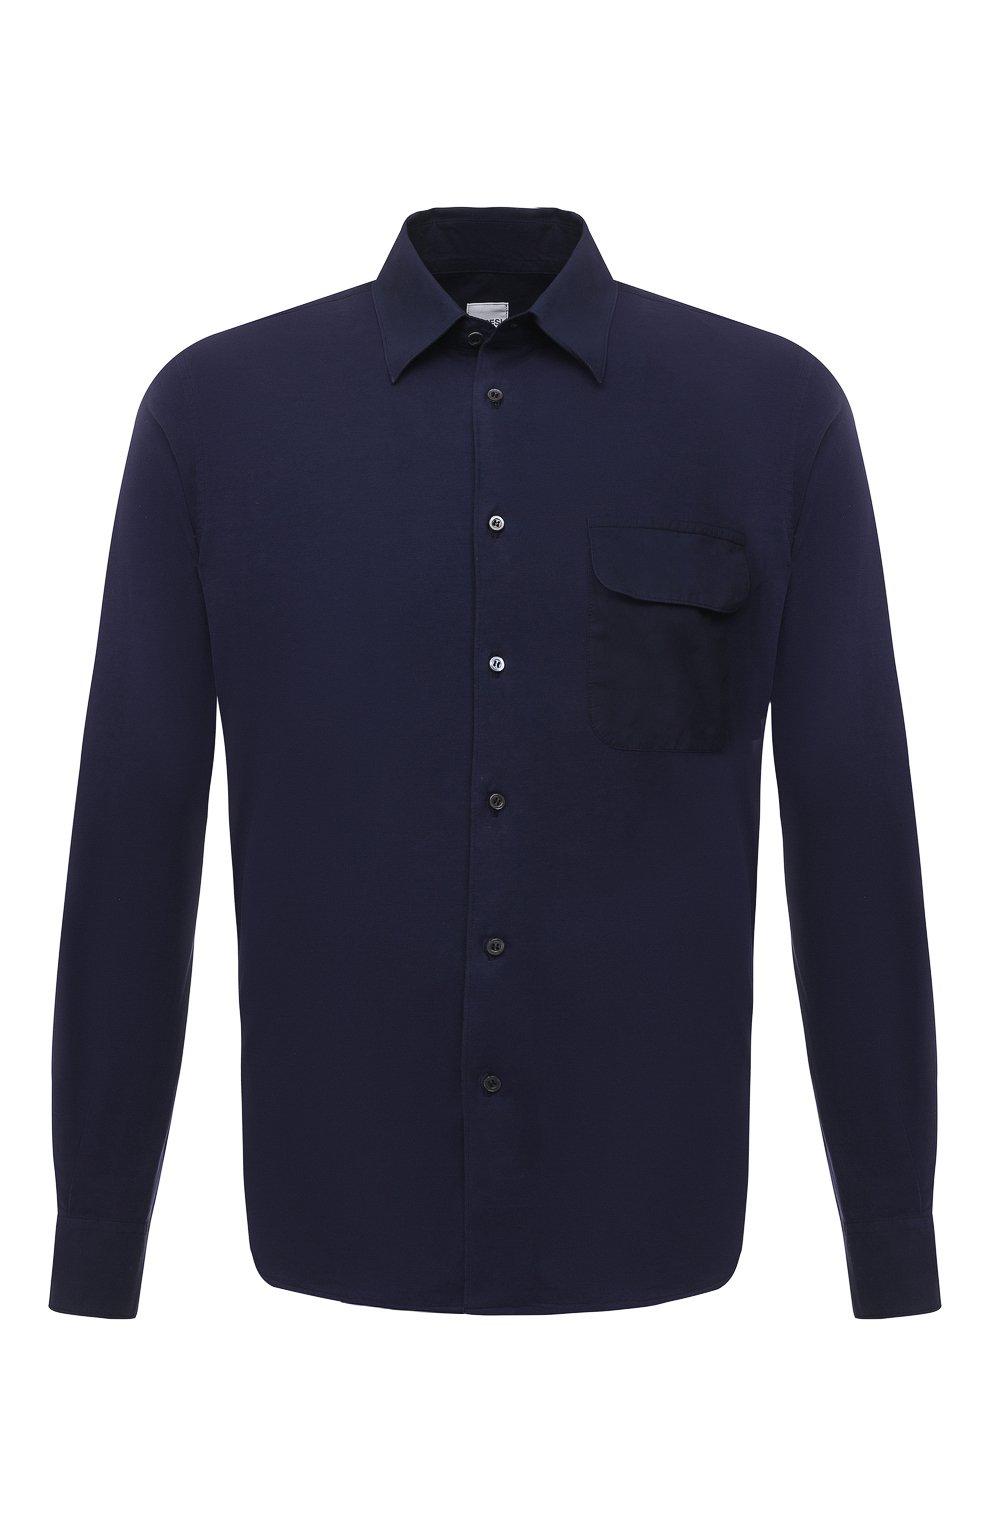 Мужская хлопковая рубашка ASPESI темно-синего цвета, арт. S1 A AY46 9408   Фото 1 (Манжеты: На пуговицах; Воротник: Кент; Рукава: Длинные; Случай: Повседневный; Длина (для топов): Стандартные; Материал внешний: Хлопок; Принт: Однотонные; Стили: Кэжуэл)